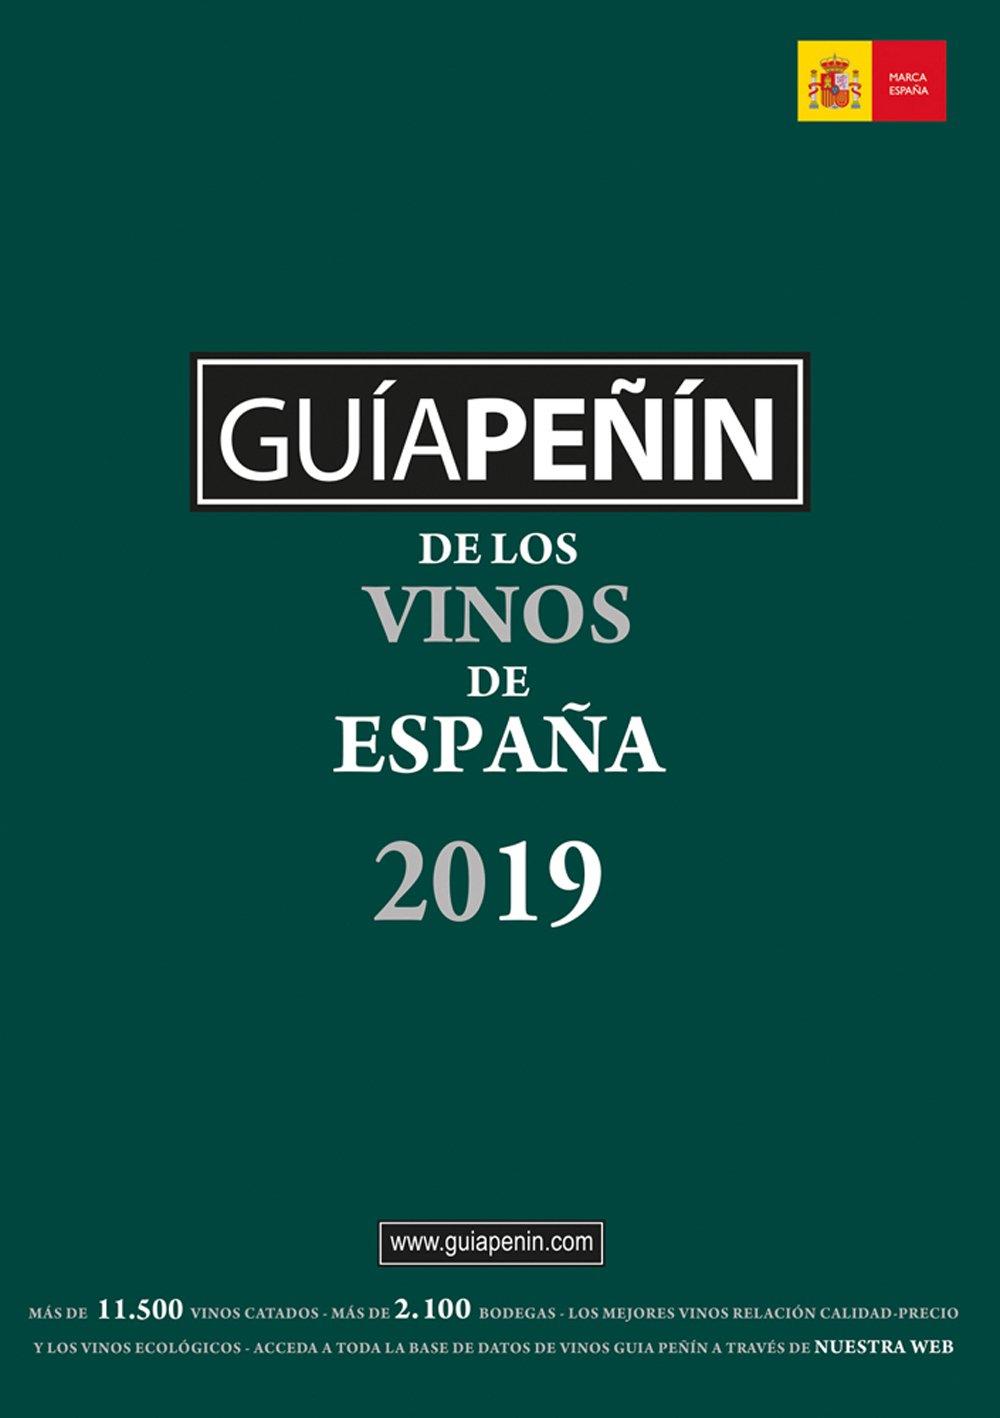 Guía Peñin de los vinos de España 2019: Amazon.es: Pierre Comunicación Integral, S.L: Libros